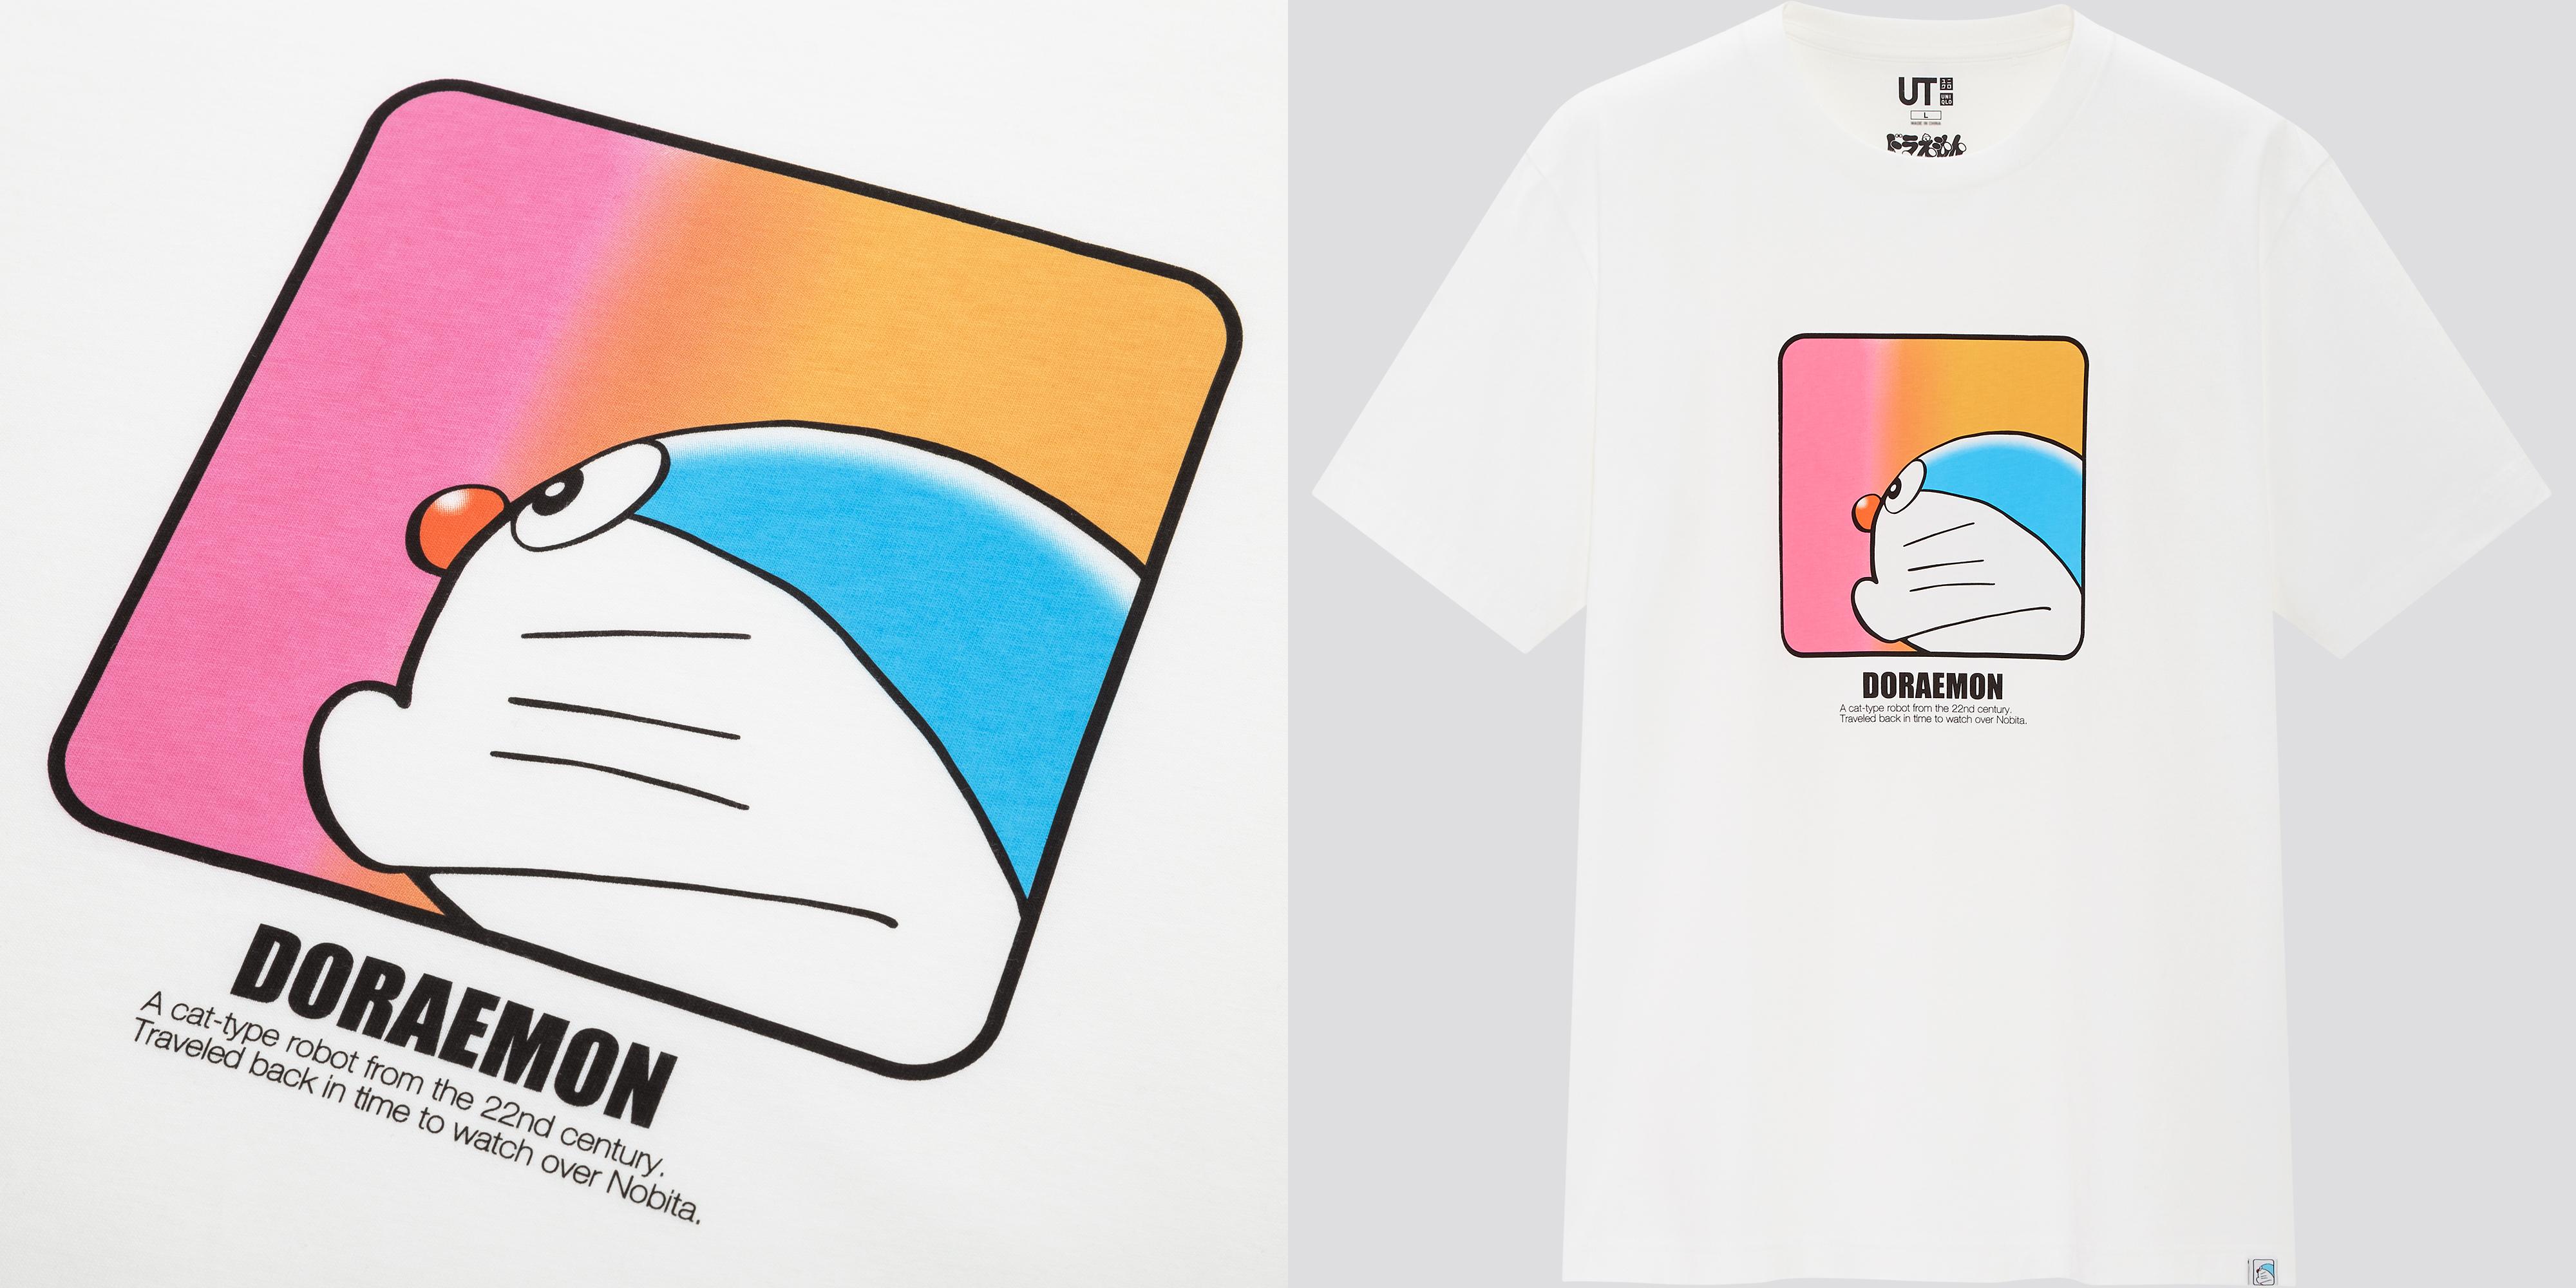 「ユニクロ」×『ドラえもん』コラボTシャツ登場「ドラえもんUT」